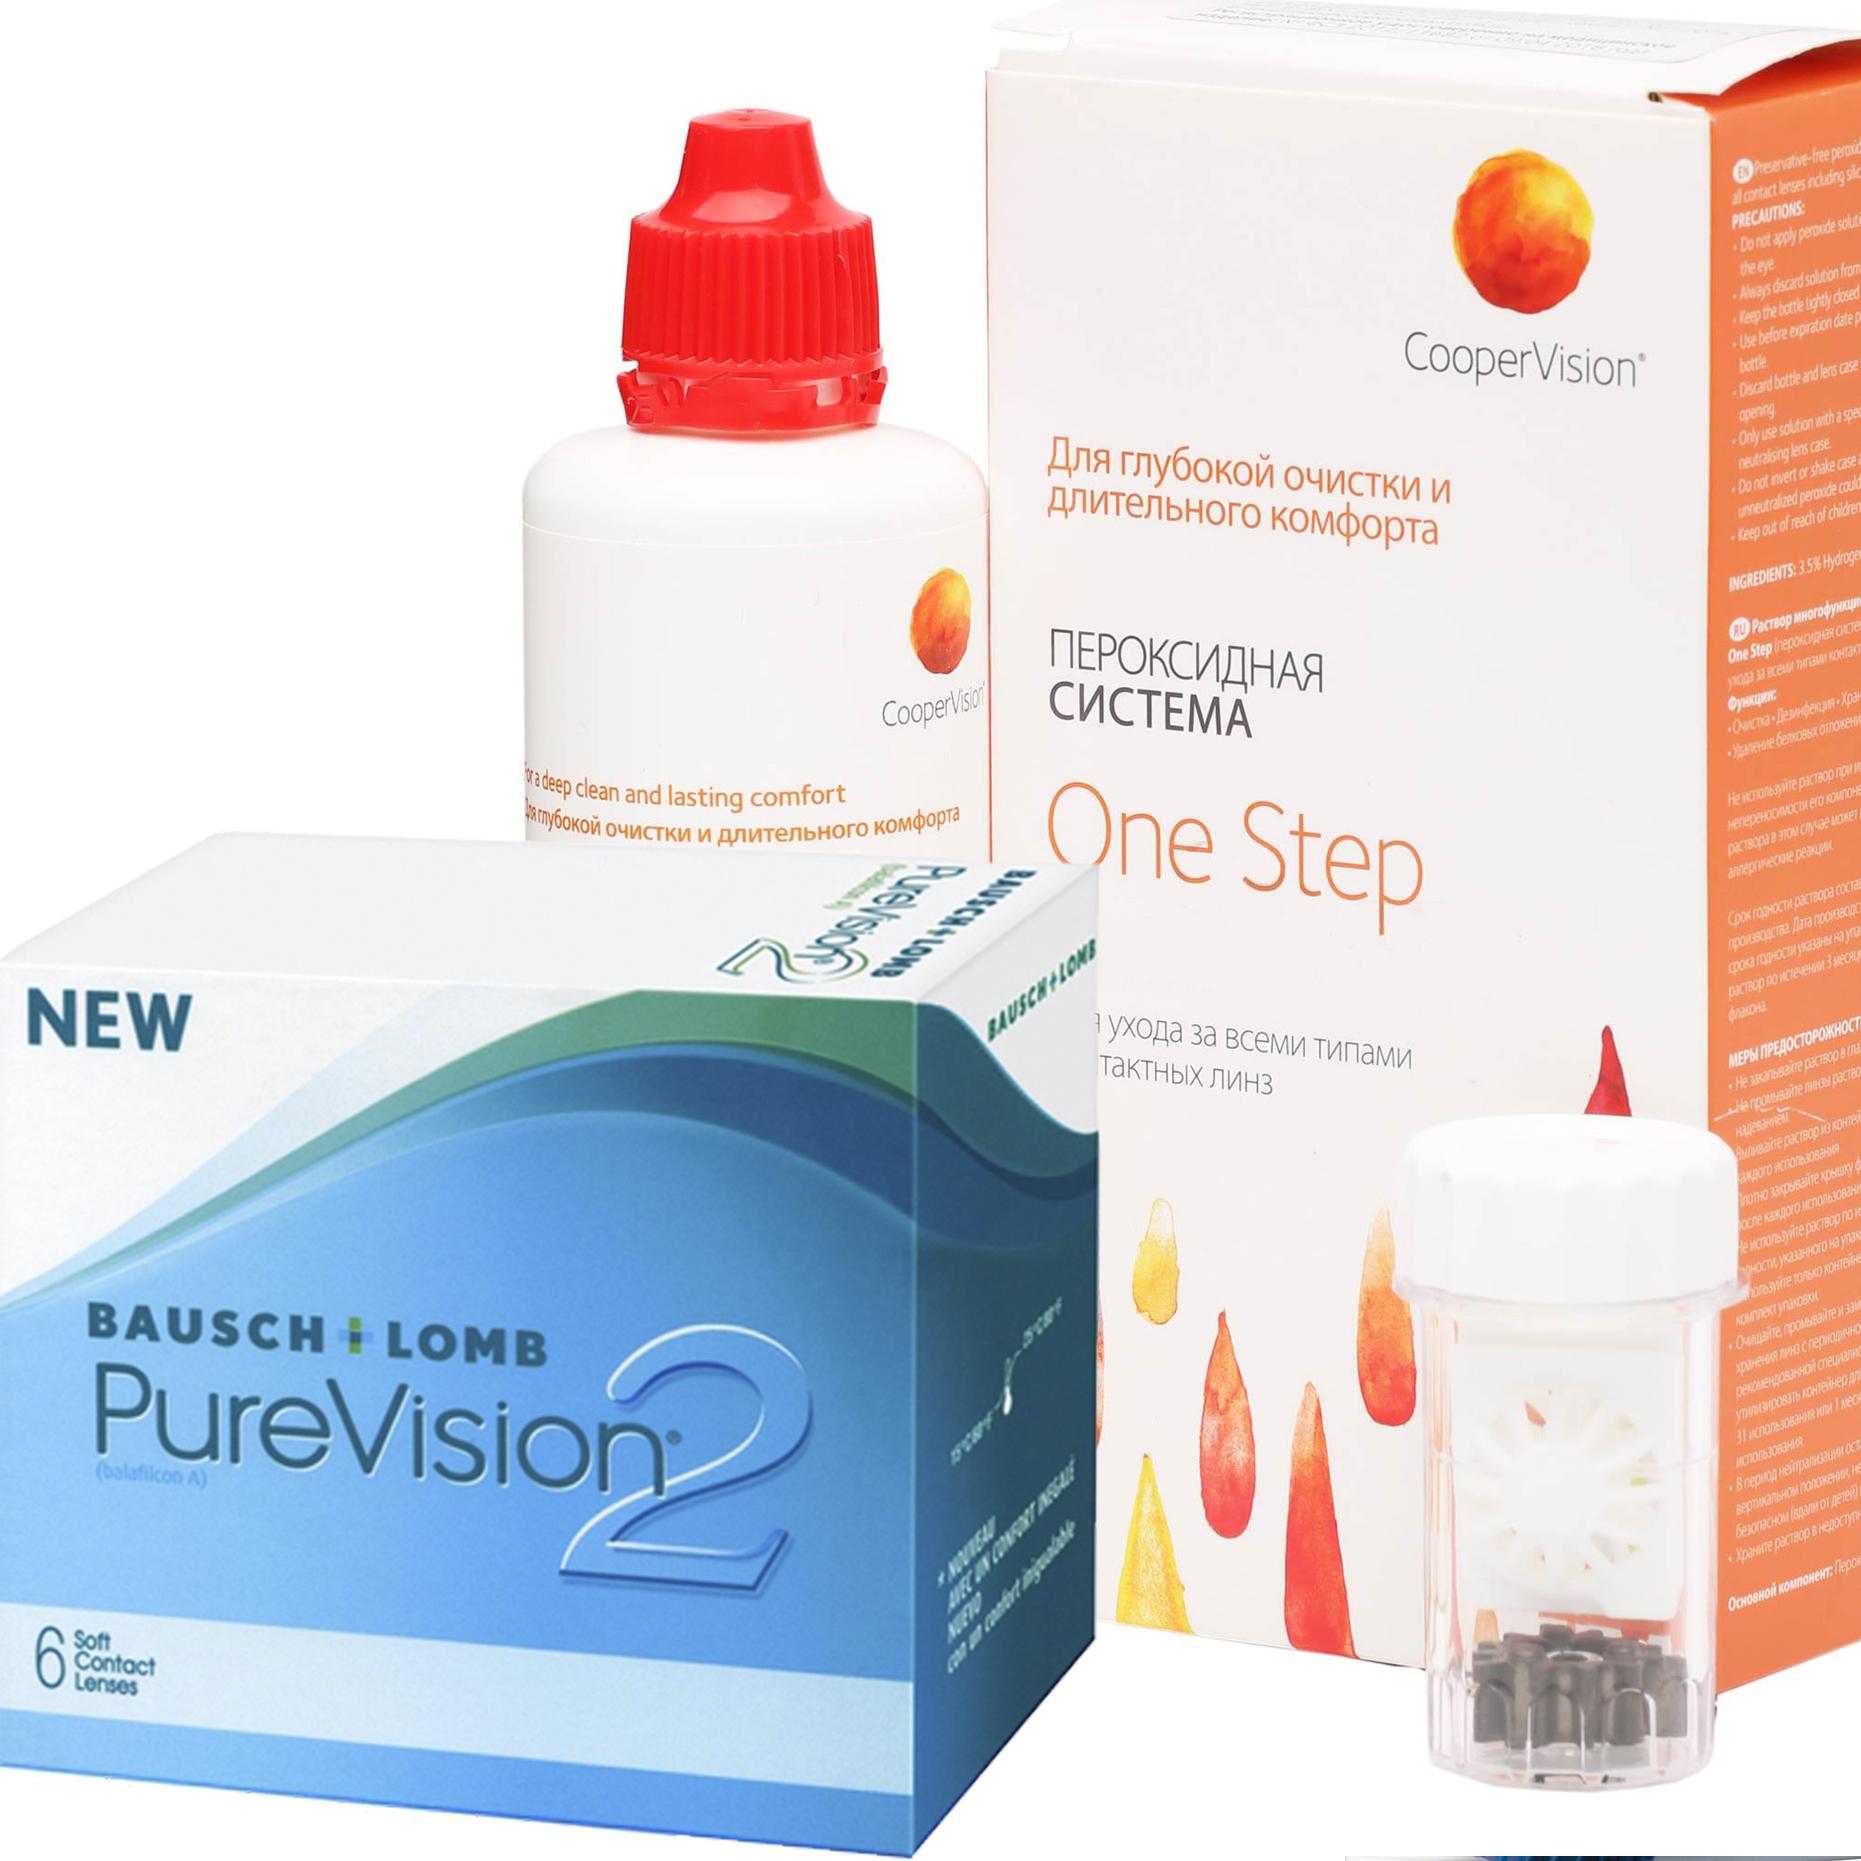 Купить 2 6 линз + One Step, Контактные линзы PureVision 2 6 линз R 8.6 -1, 00 + Раствор One Step 360 мл